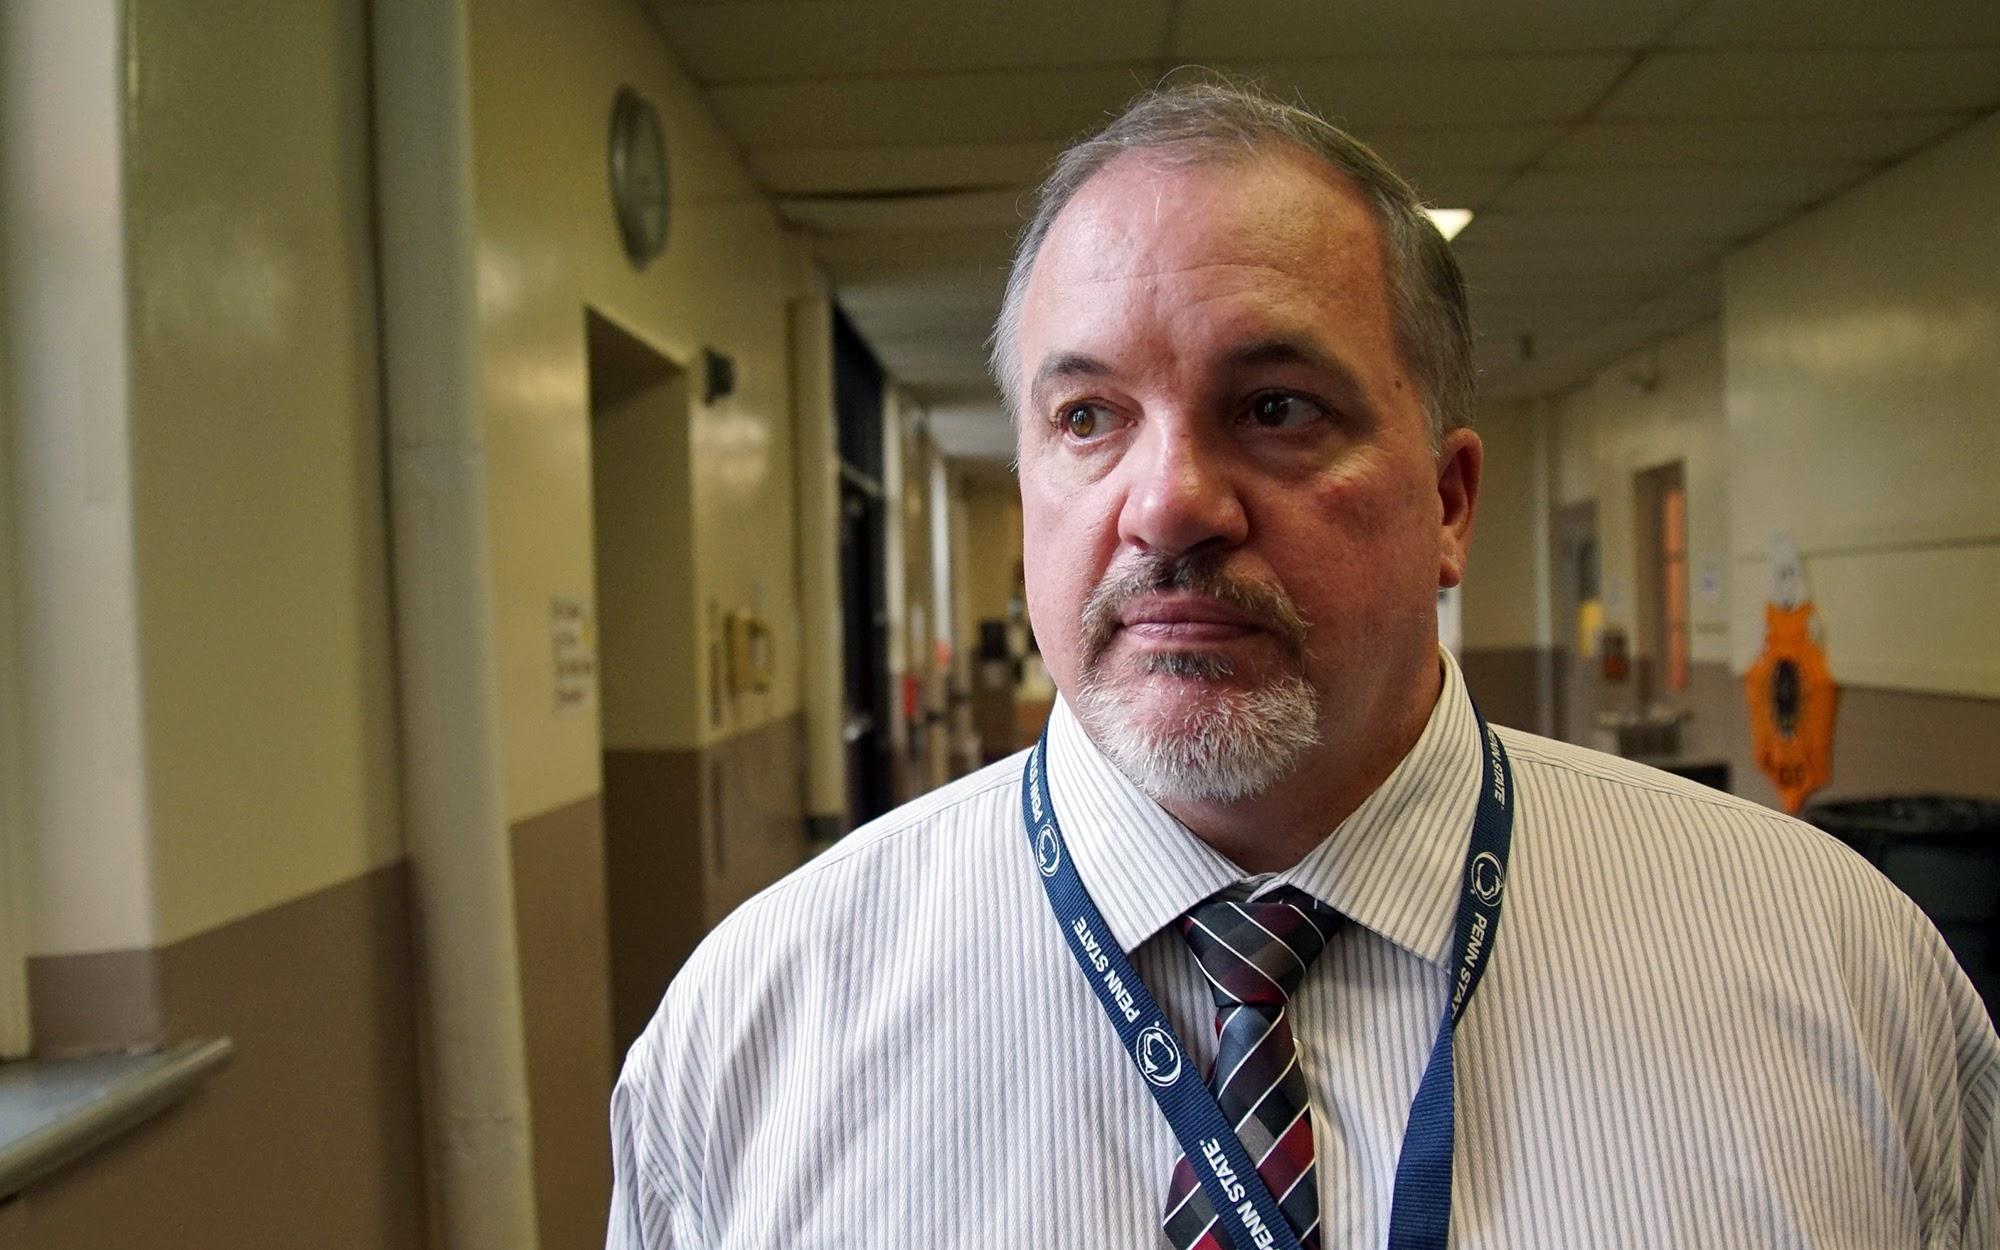 Steel Valley School District Superintendent Edward Wehrer. (Photo by Ryan Loew/PublicSource)